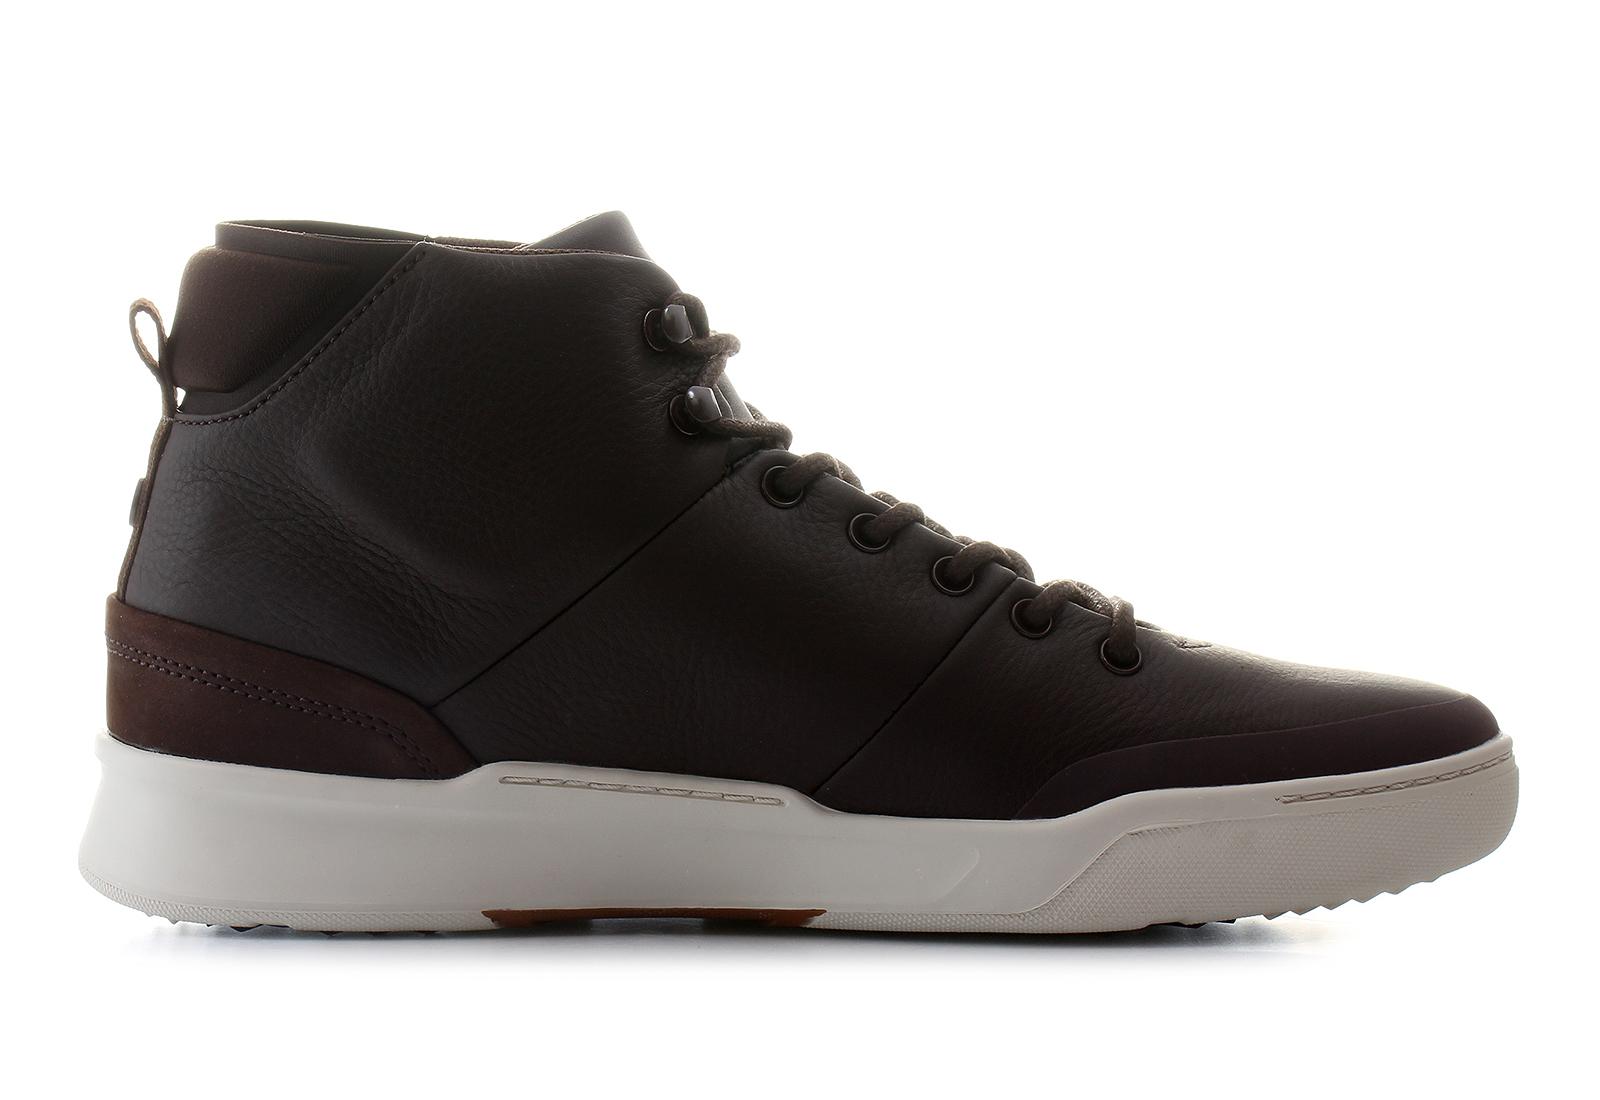 Lacoste Shoes Explorateur Classic 173cam0015 176